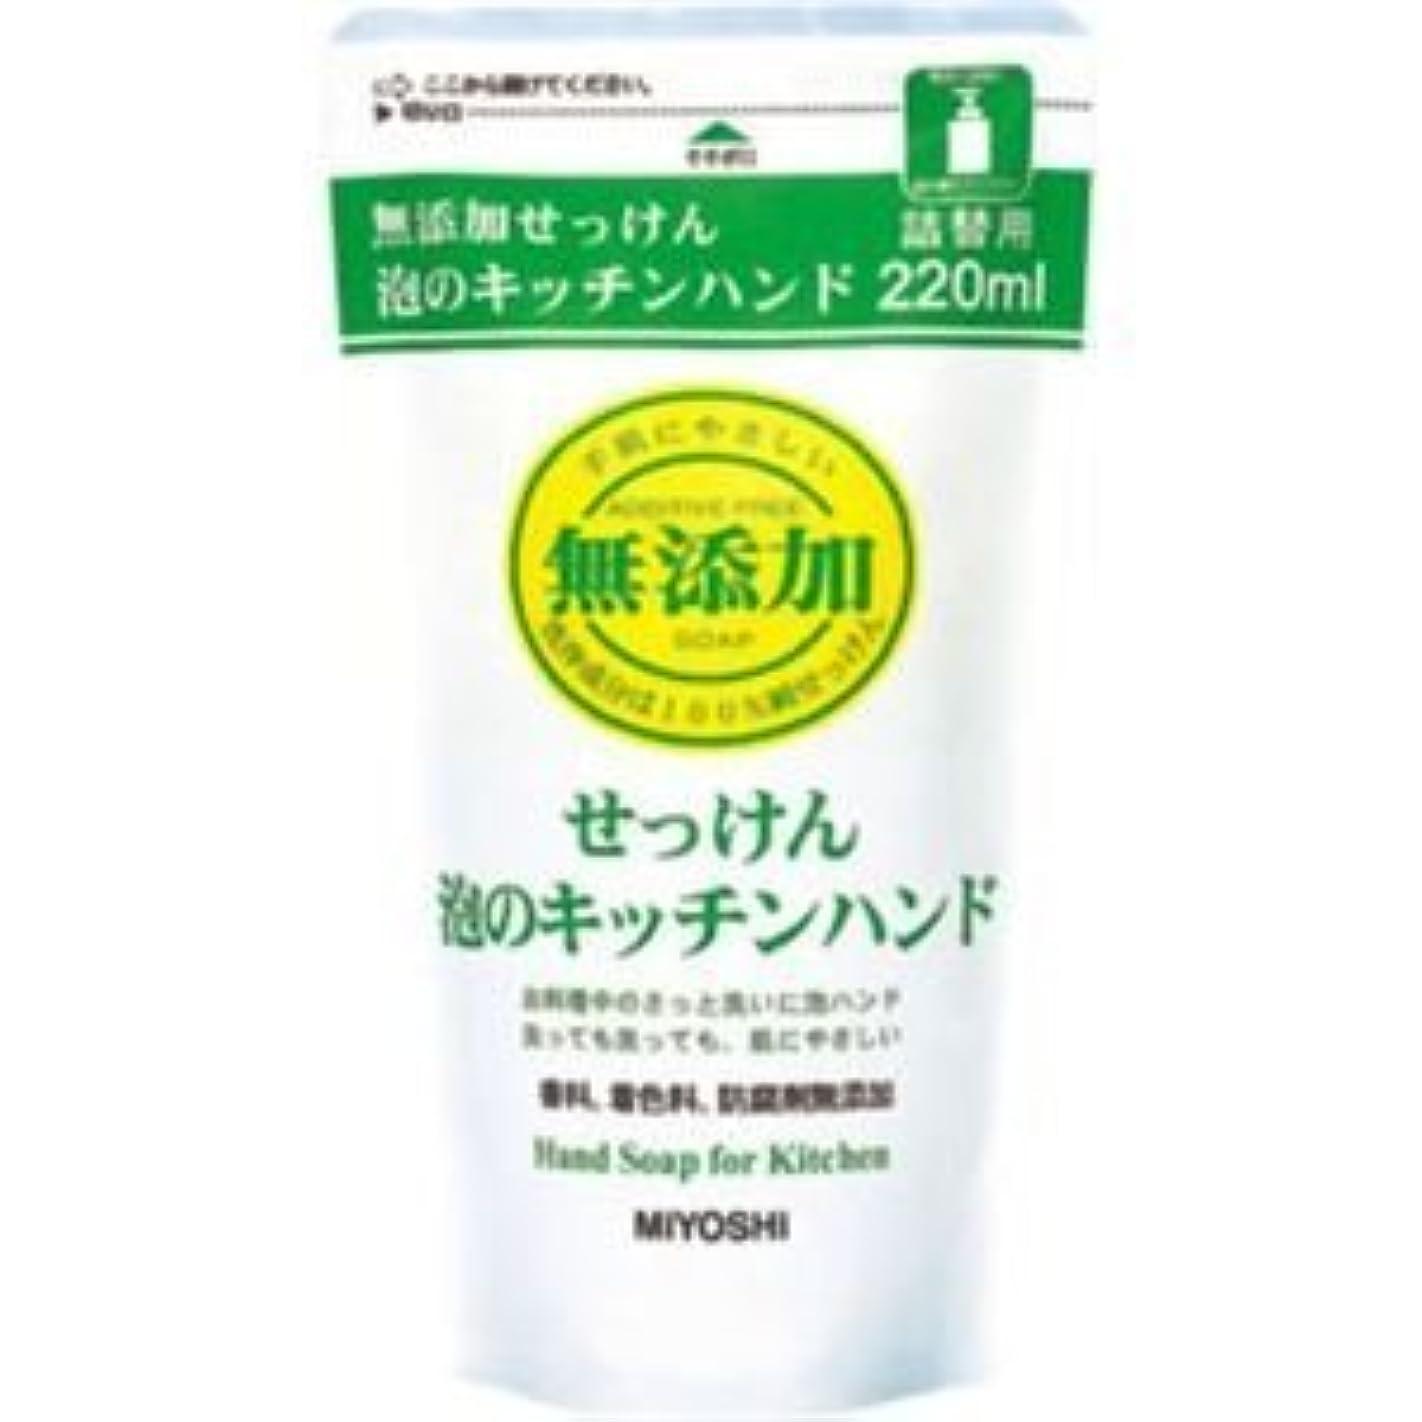 疑わしい同化するゴミミヨシ 無添加 キッチンハンドソープ つめかえ用 220ml(無添加石鹸) 14セット